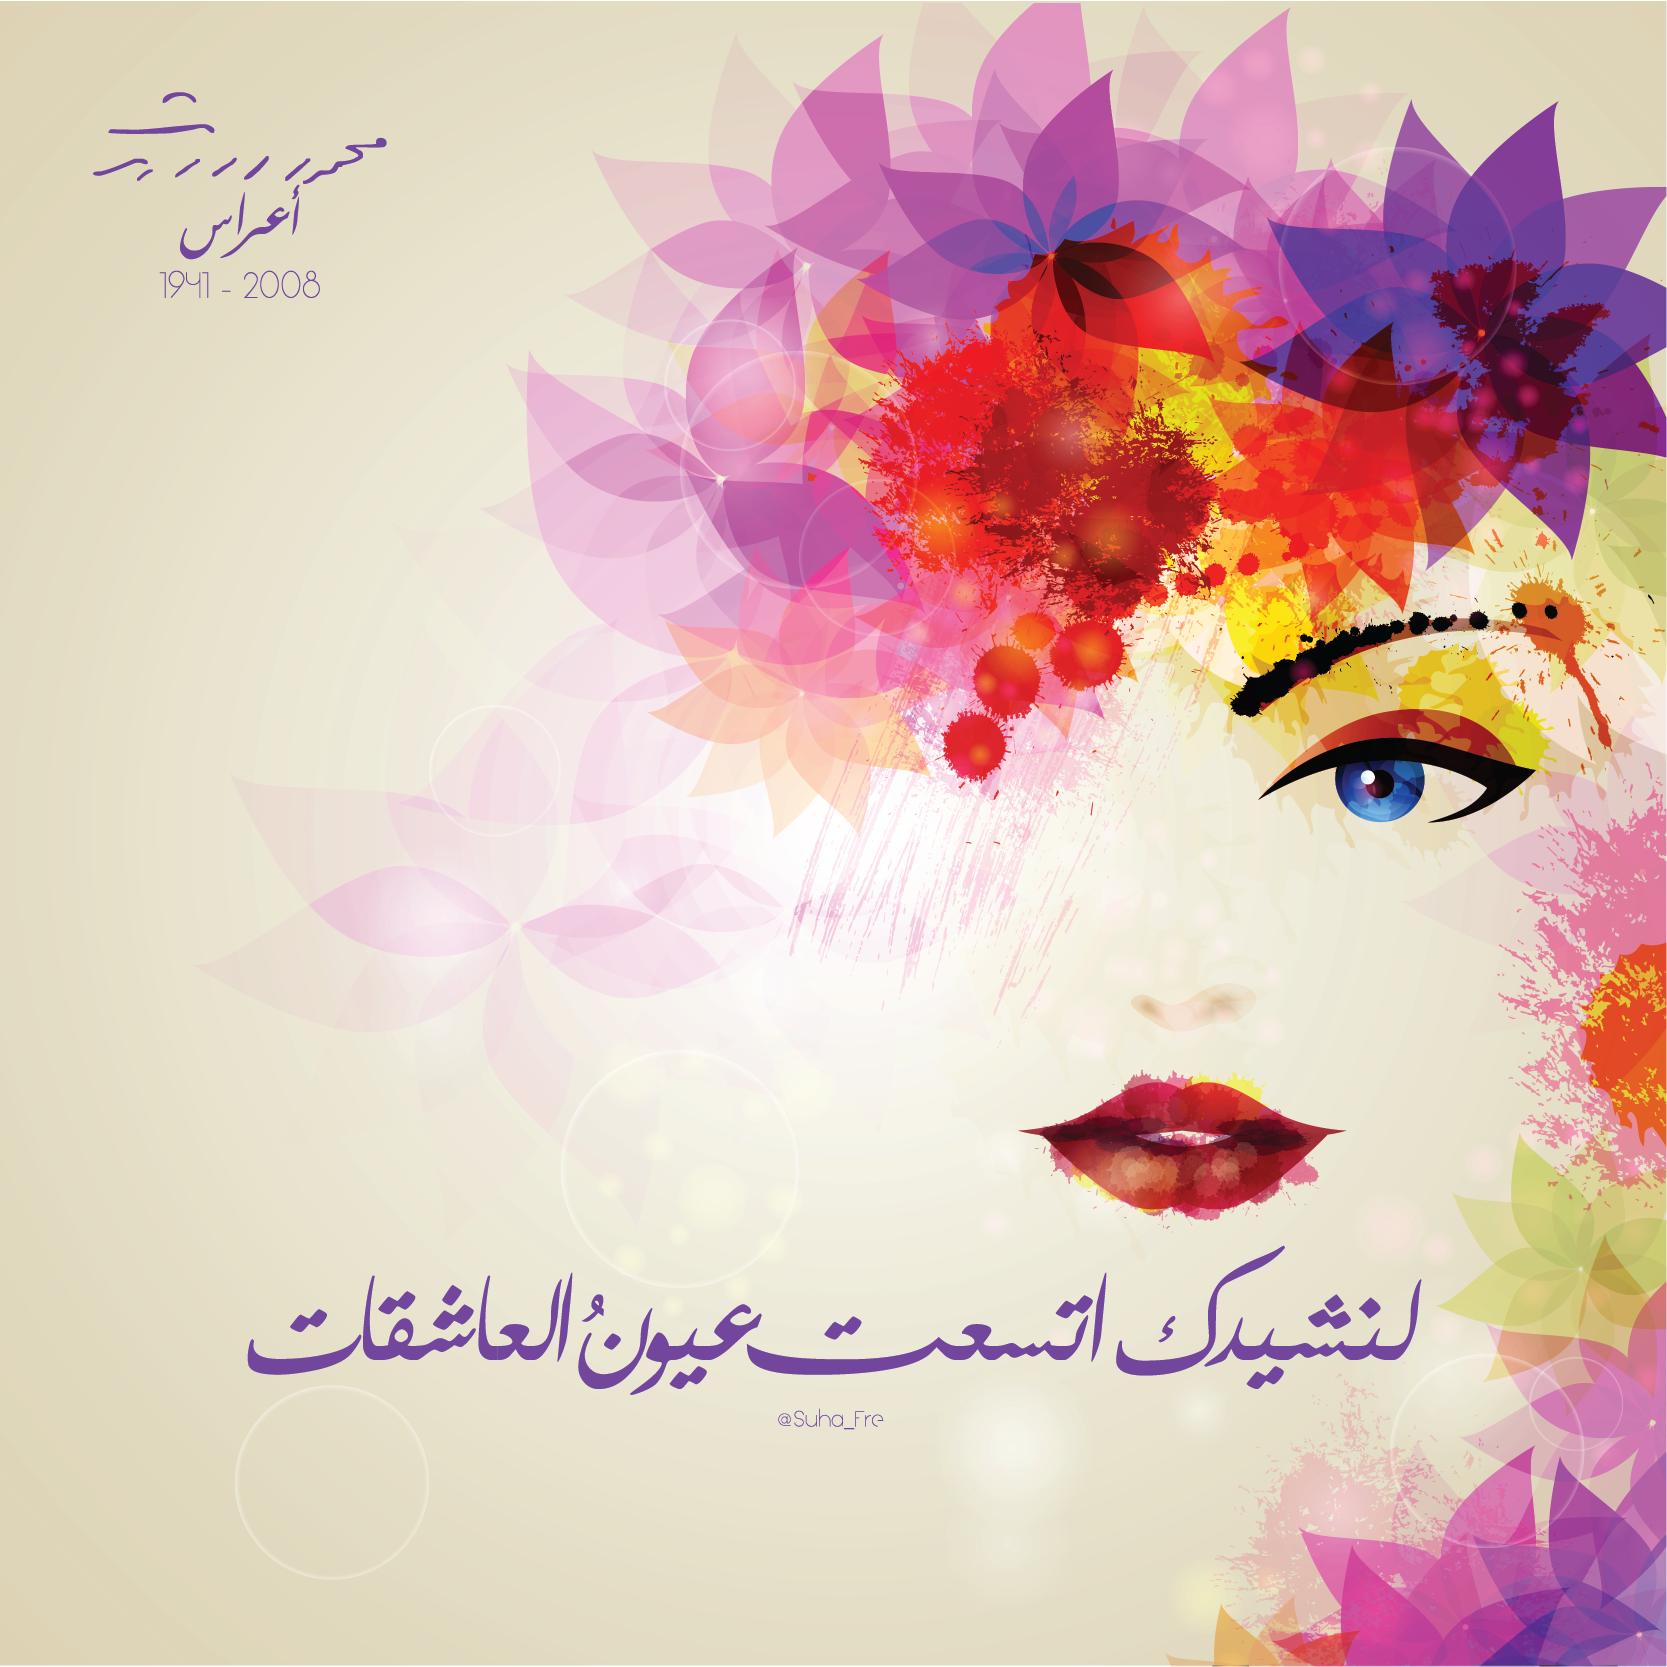 ديوان أعراس - محمود درويش